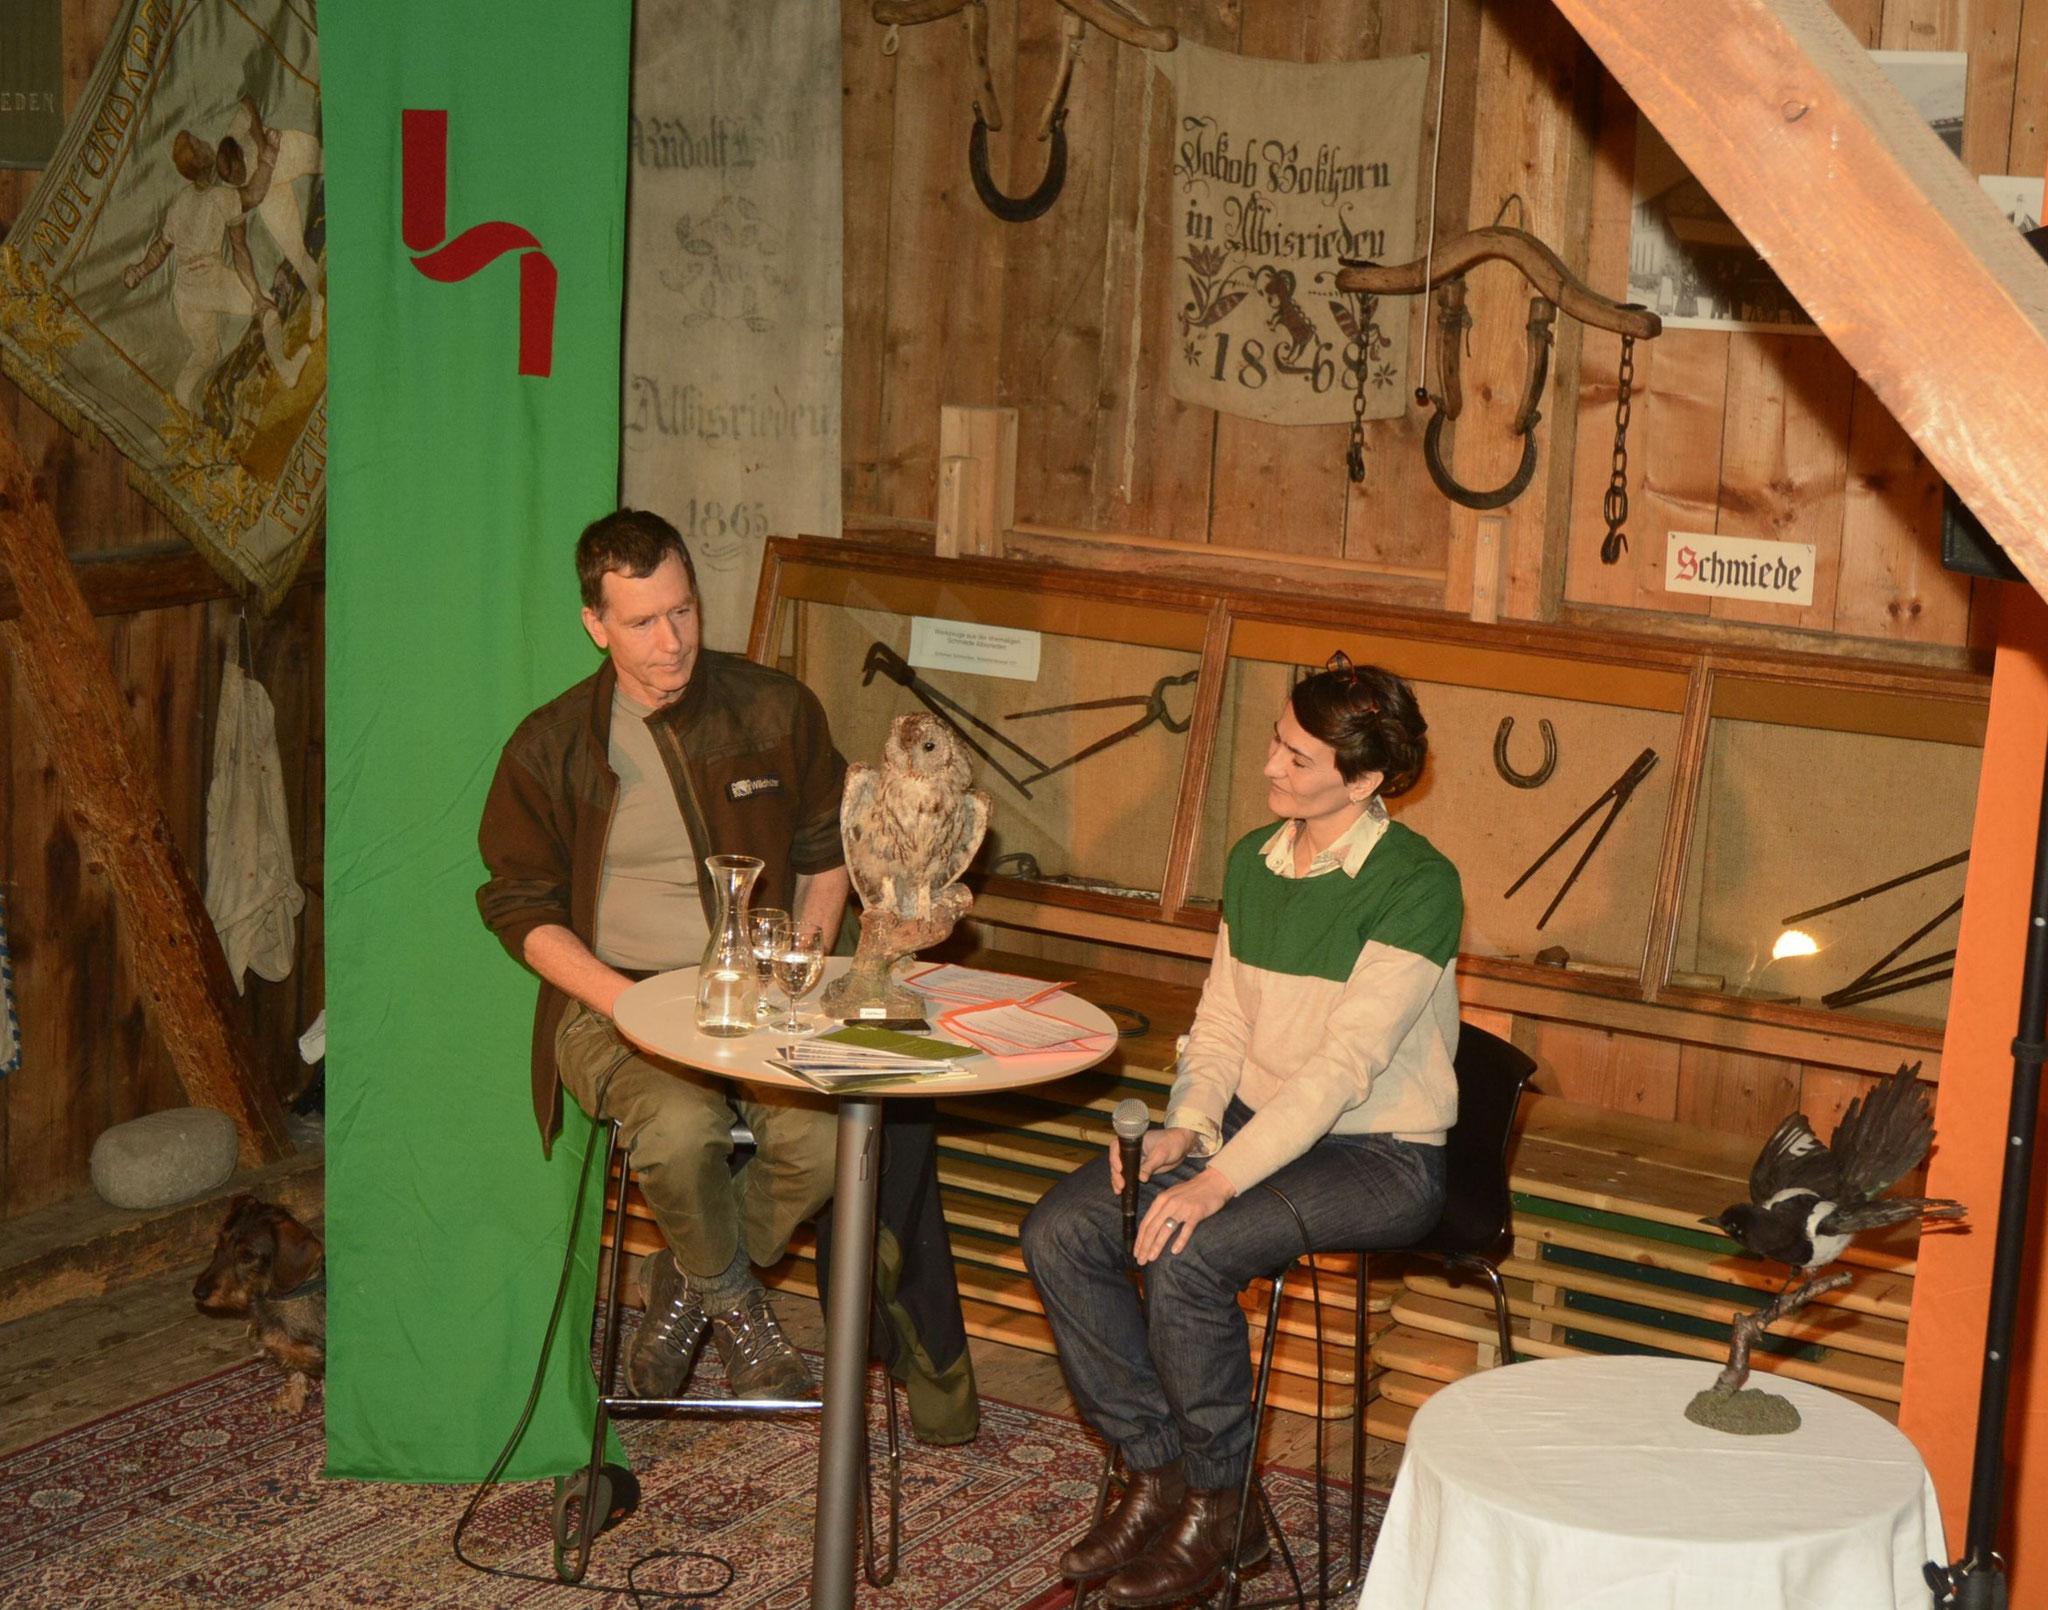 heuwender #15 mit dem Wildhüter This Schenkel, März 2014